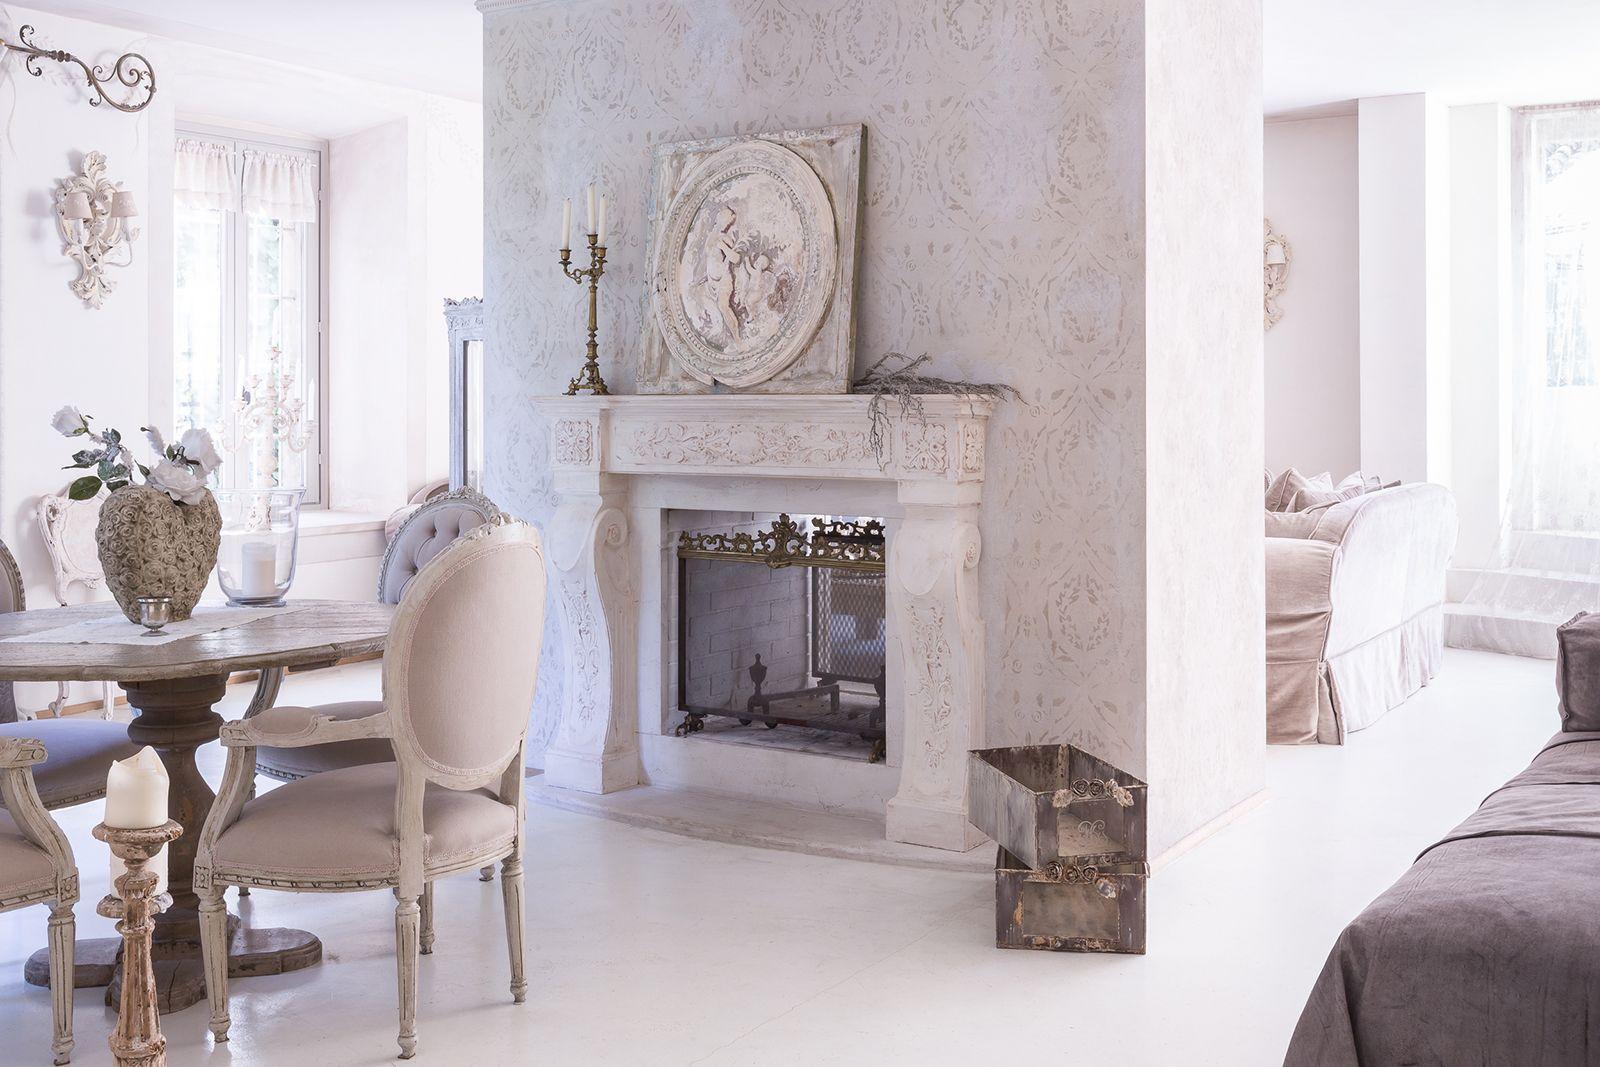 Villa respiro casa shabby chic brianza camino bifacciale my shabby chic pinterest shabby - Shabby chic casa ...